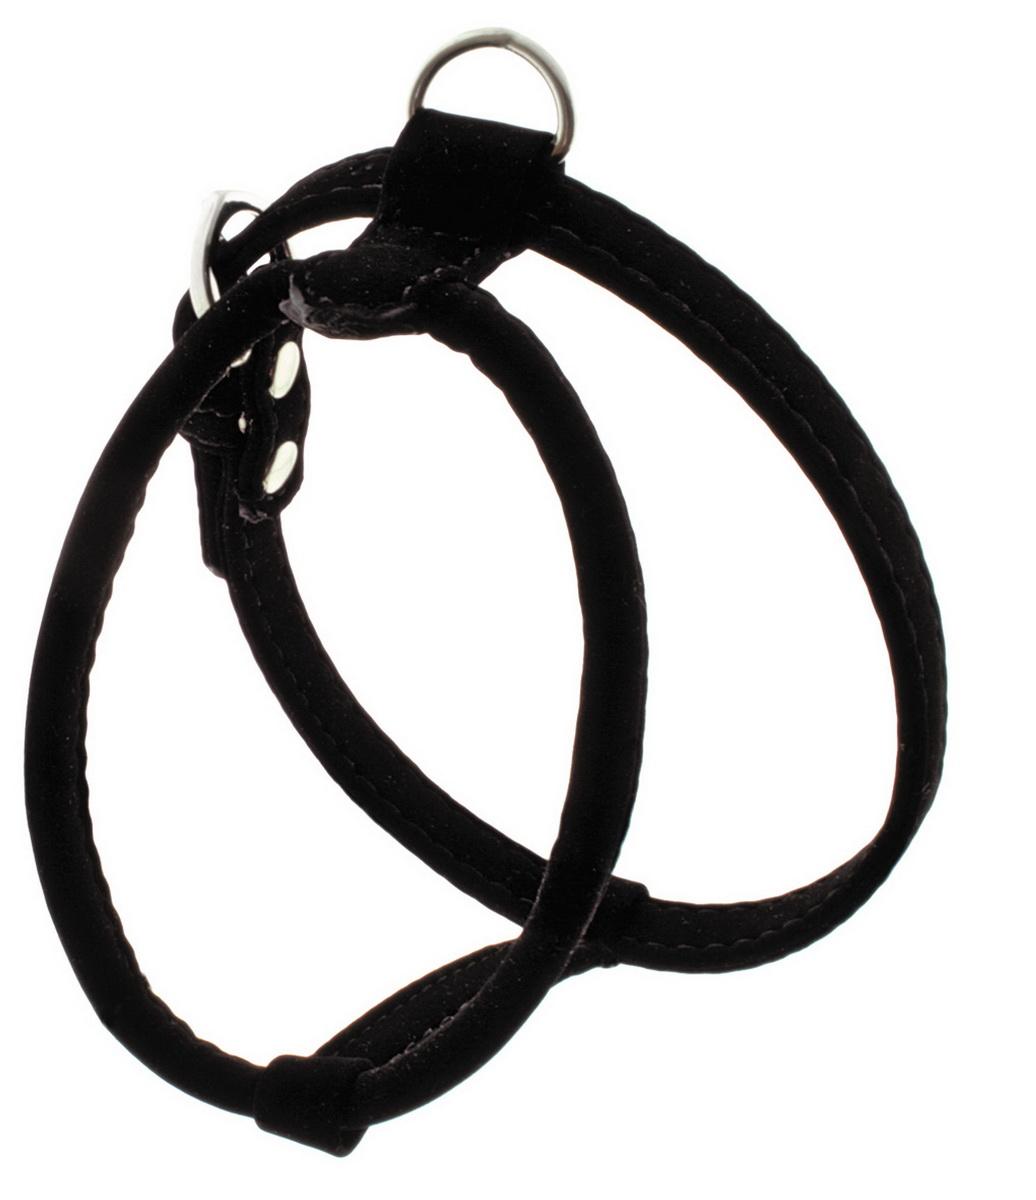 Шлейка для собак Dezzie, цвет: черный, ширина 1 см, обхват шеи 25 см, обхват груди 28-33 см. Размер S. 5624007 шлейка для собак dezzie цвет черный ширина 1 см обхват шеи 25 см обхват груди 28 33 см размер s 5624007